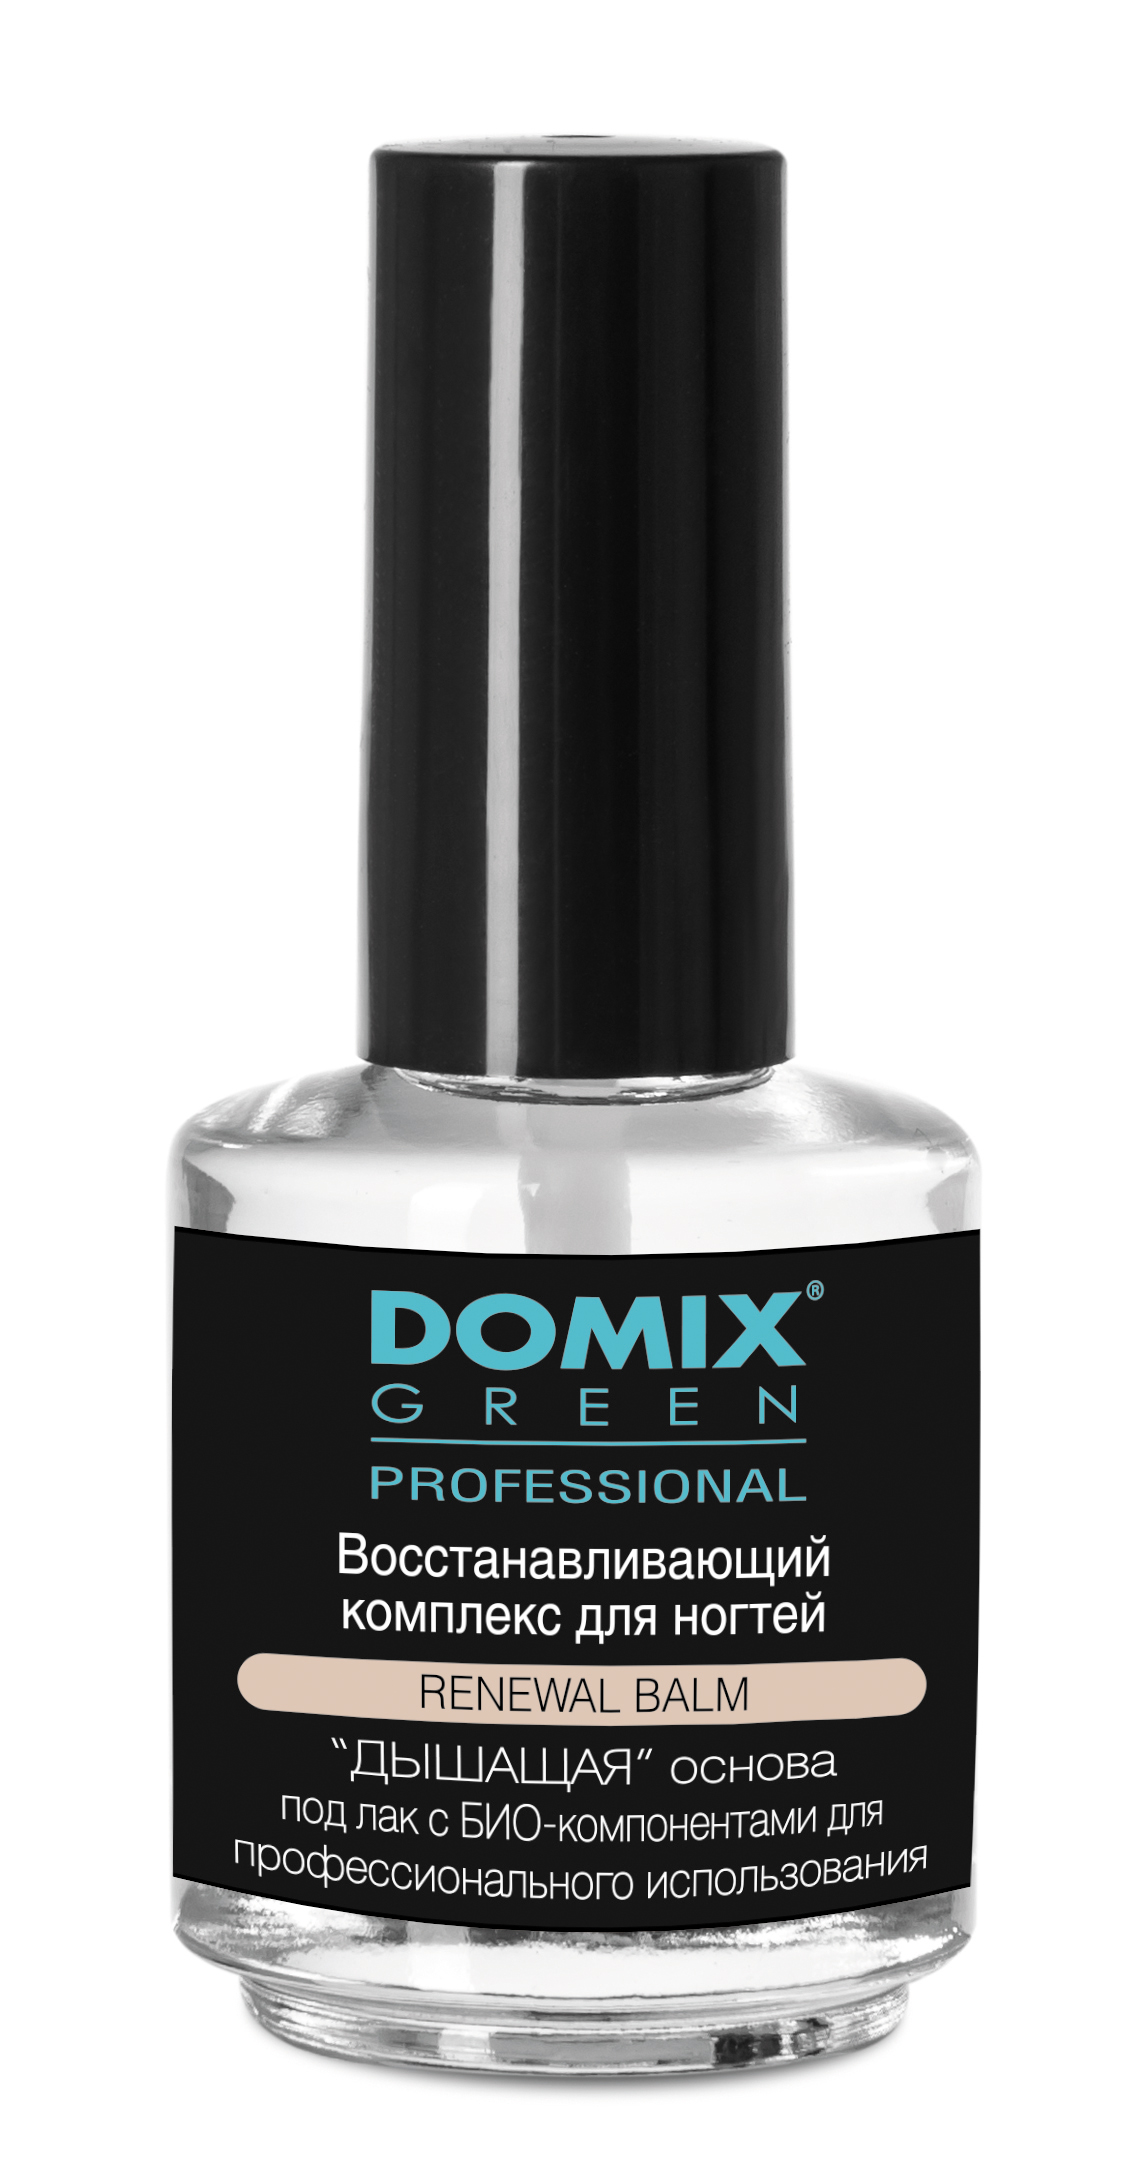 DOMIX �������� ����������������� ��� ������ / DGP 17��